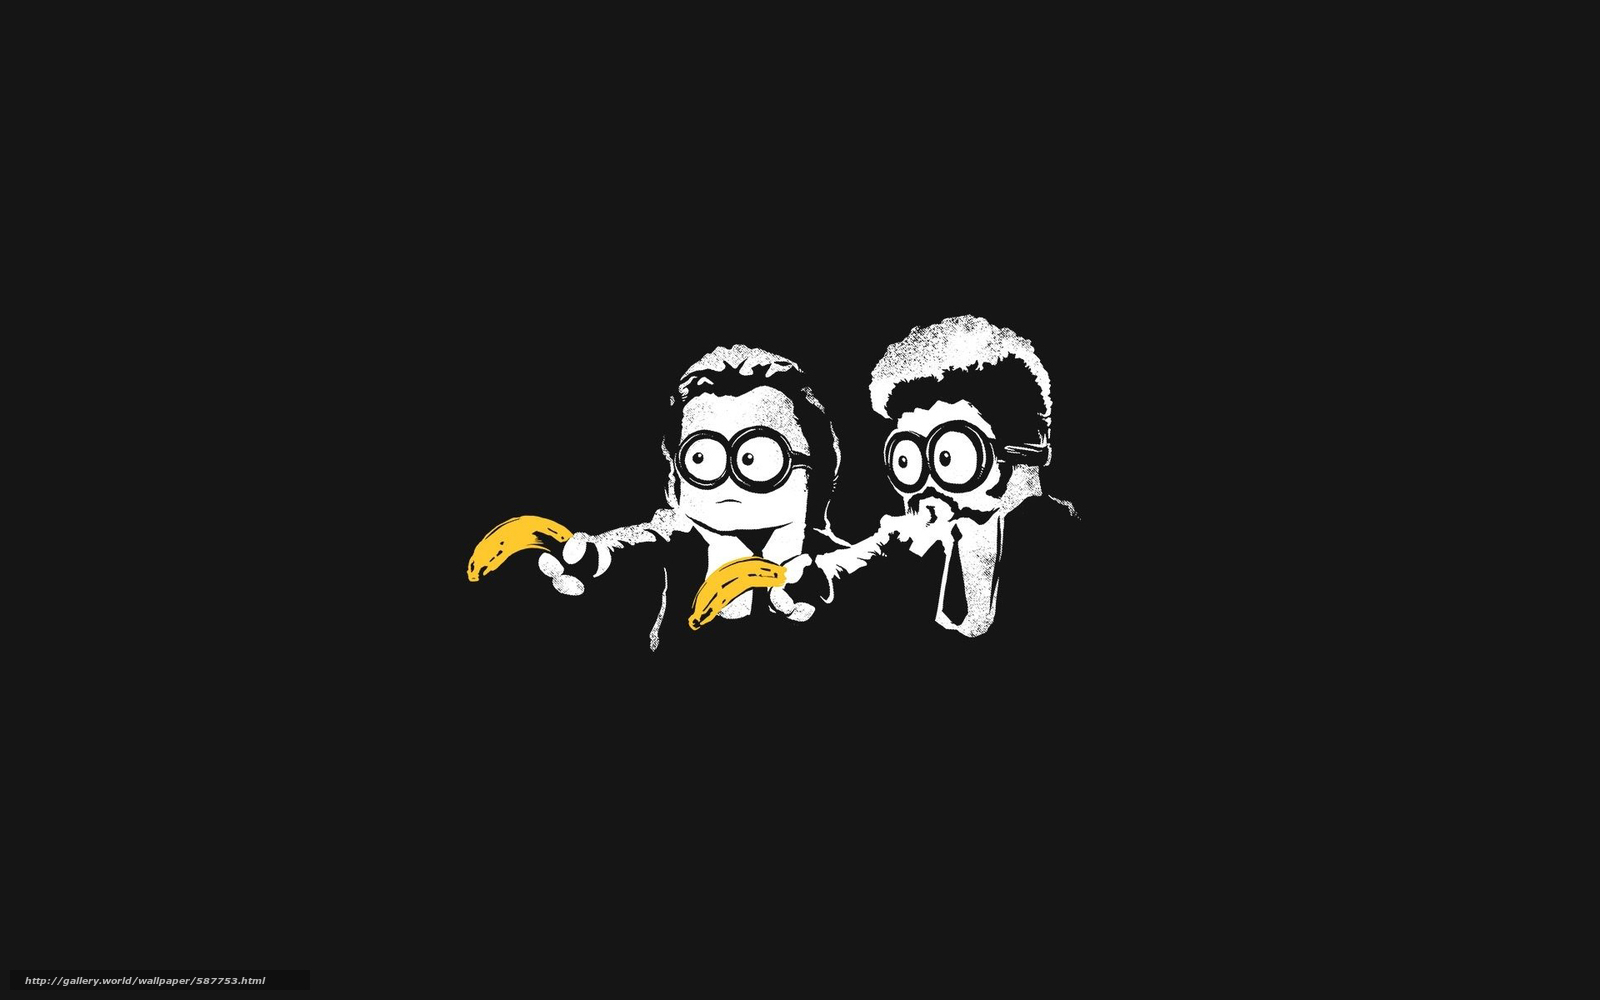 Tlcharger Fond d'ecran EPs,  Pulp Fiction,  bananes,  minimalisme Fonds d'ecran gratuits pour votre rsolution du bureau 1920x1200 — image №587753